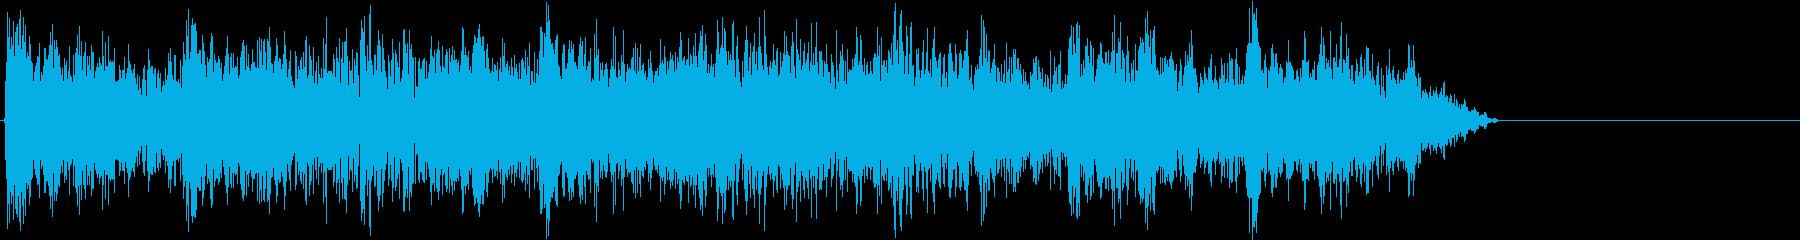 払い出し音・答え・結果の再生済みの波形